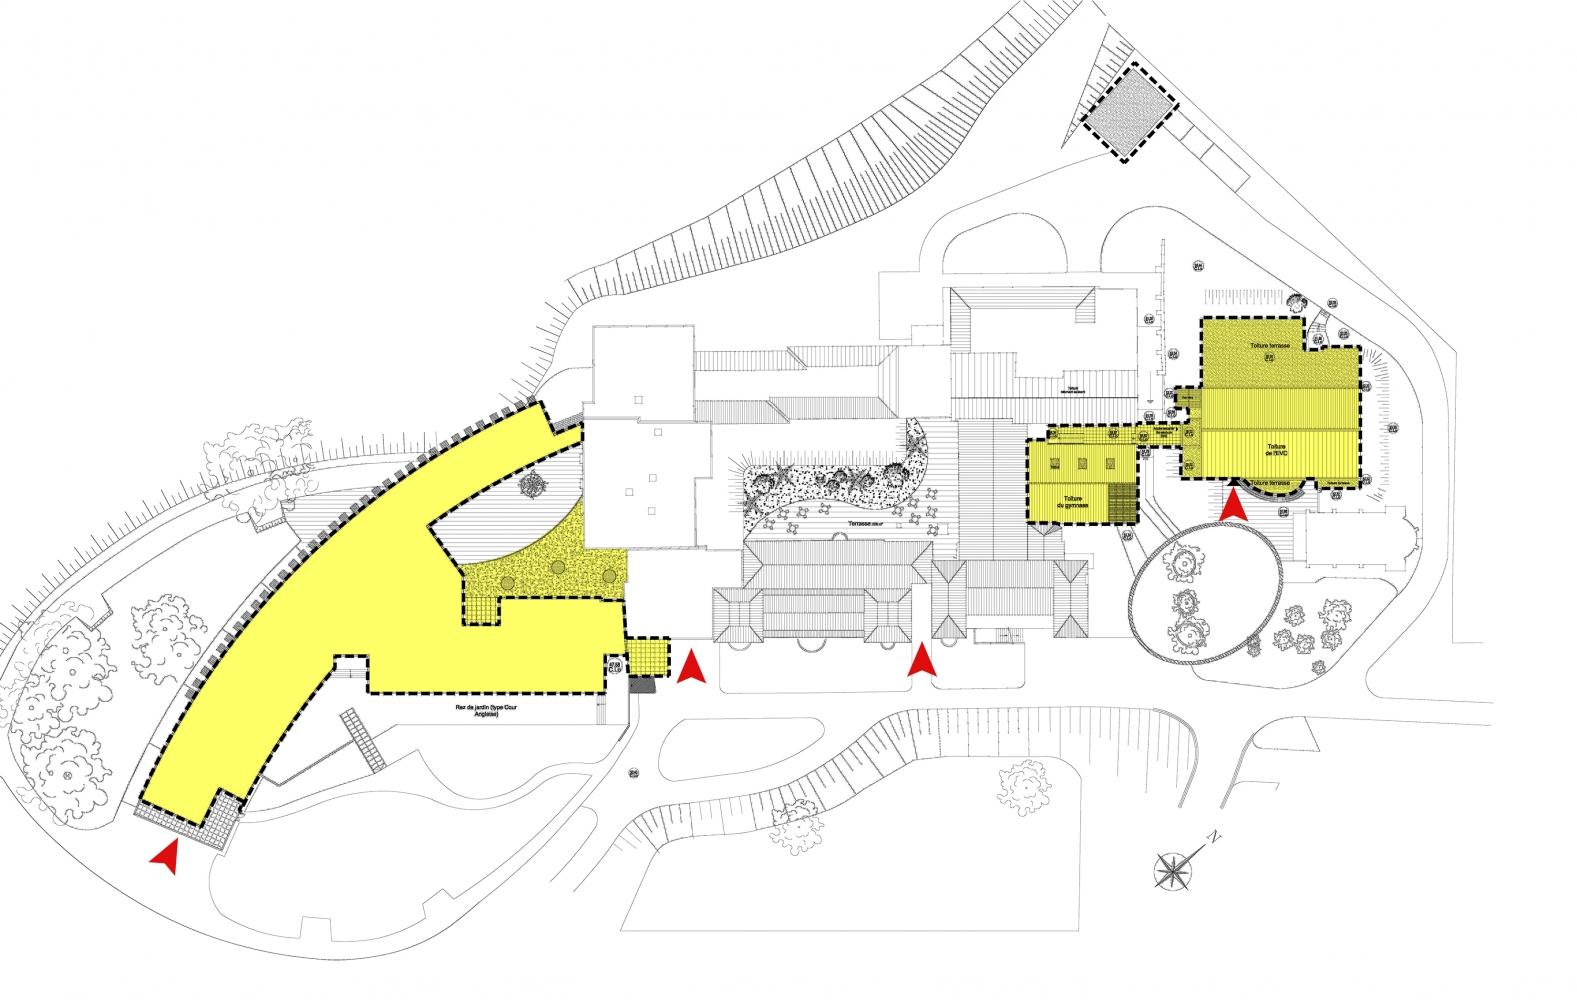 10-la-membrolle-img-002 Pascale SEURIN Architecte - Pascale SEURIN Architecte